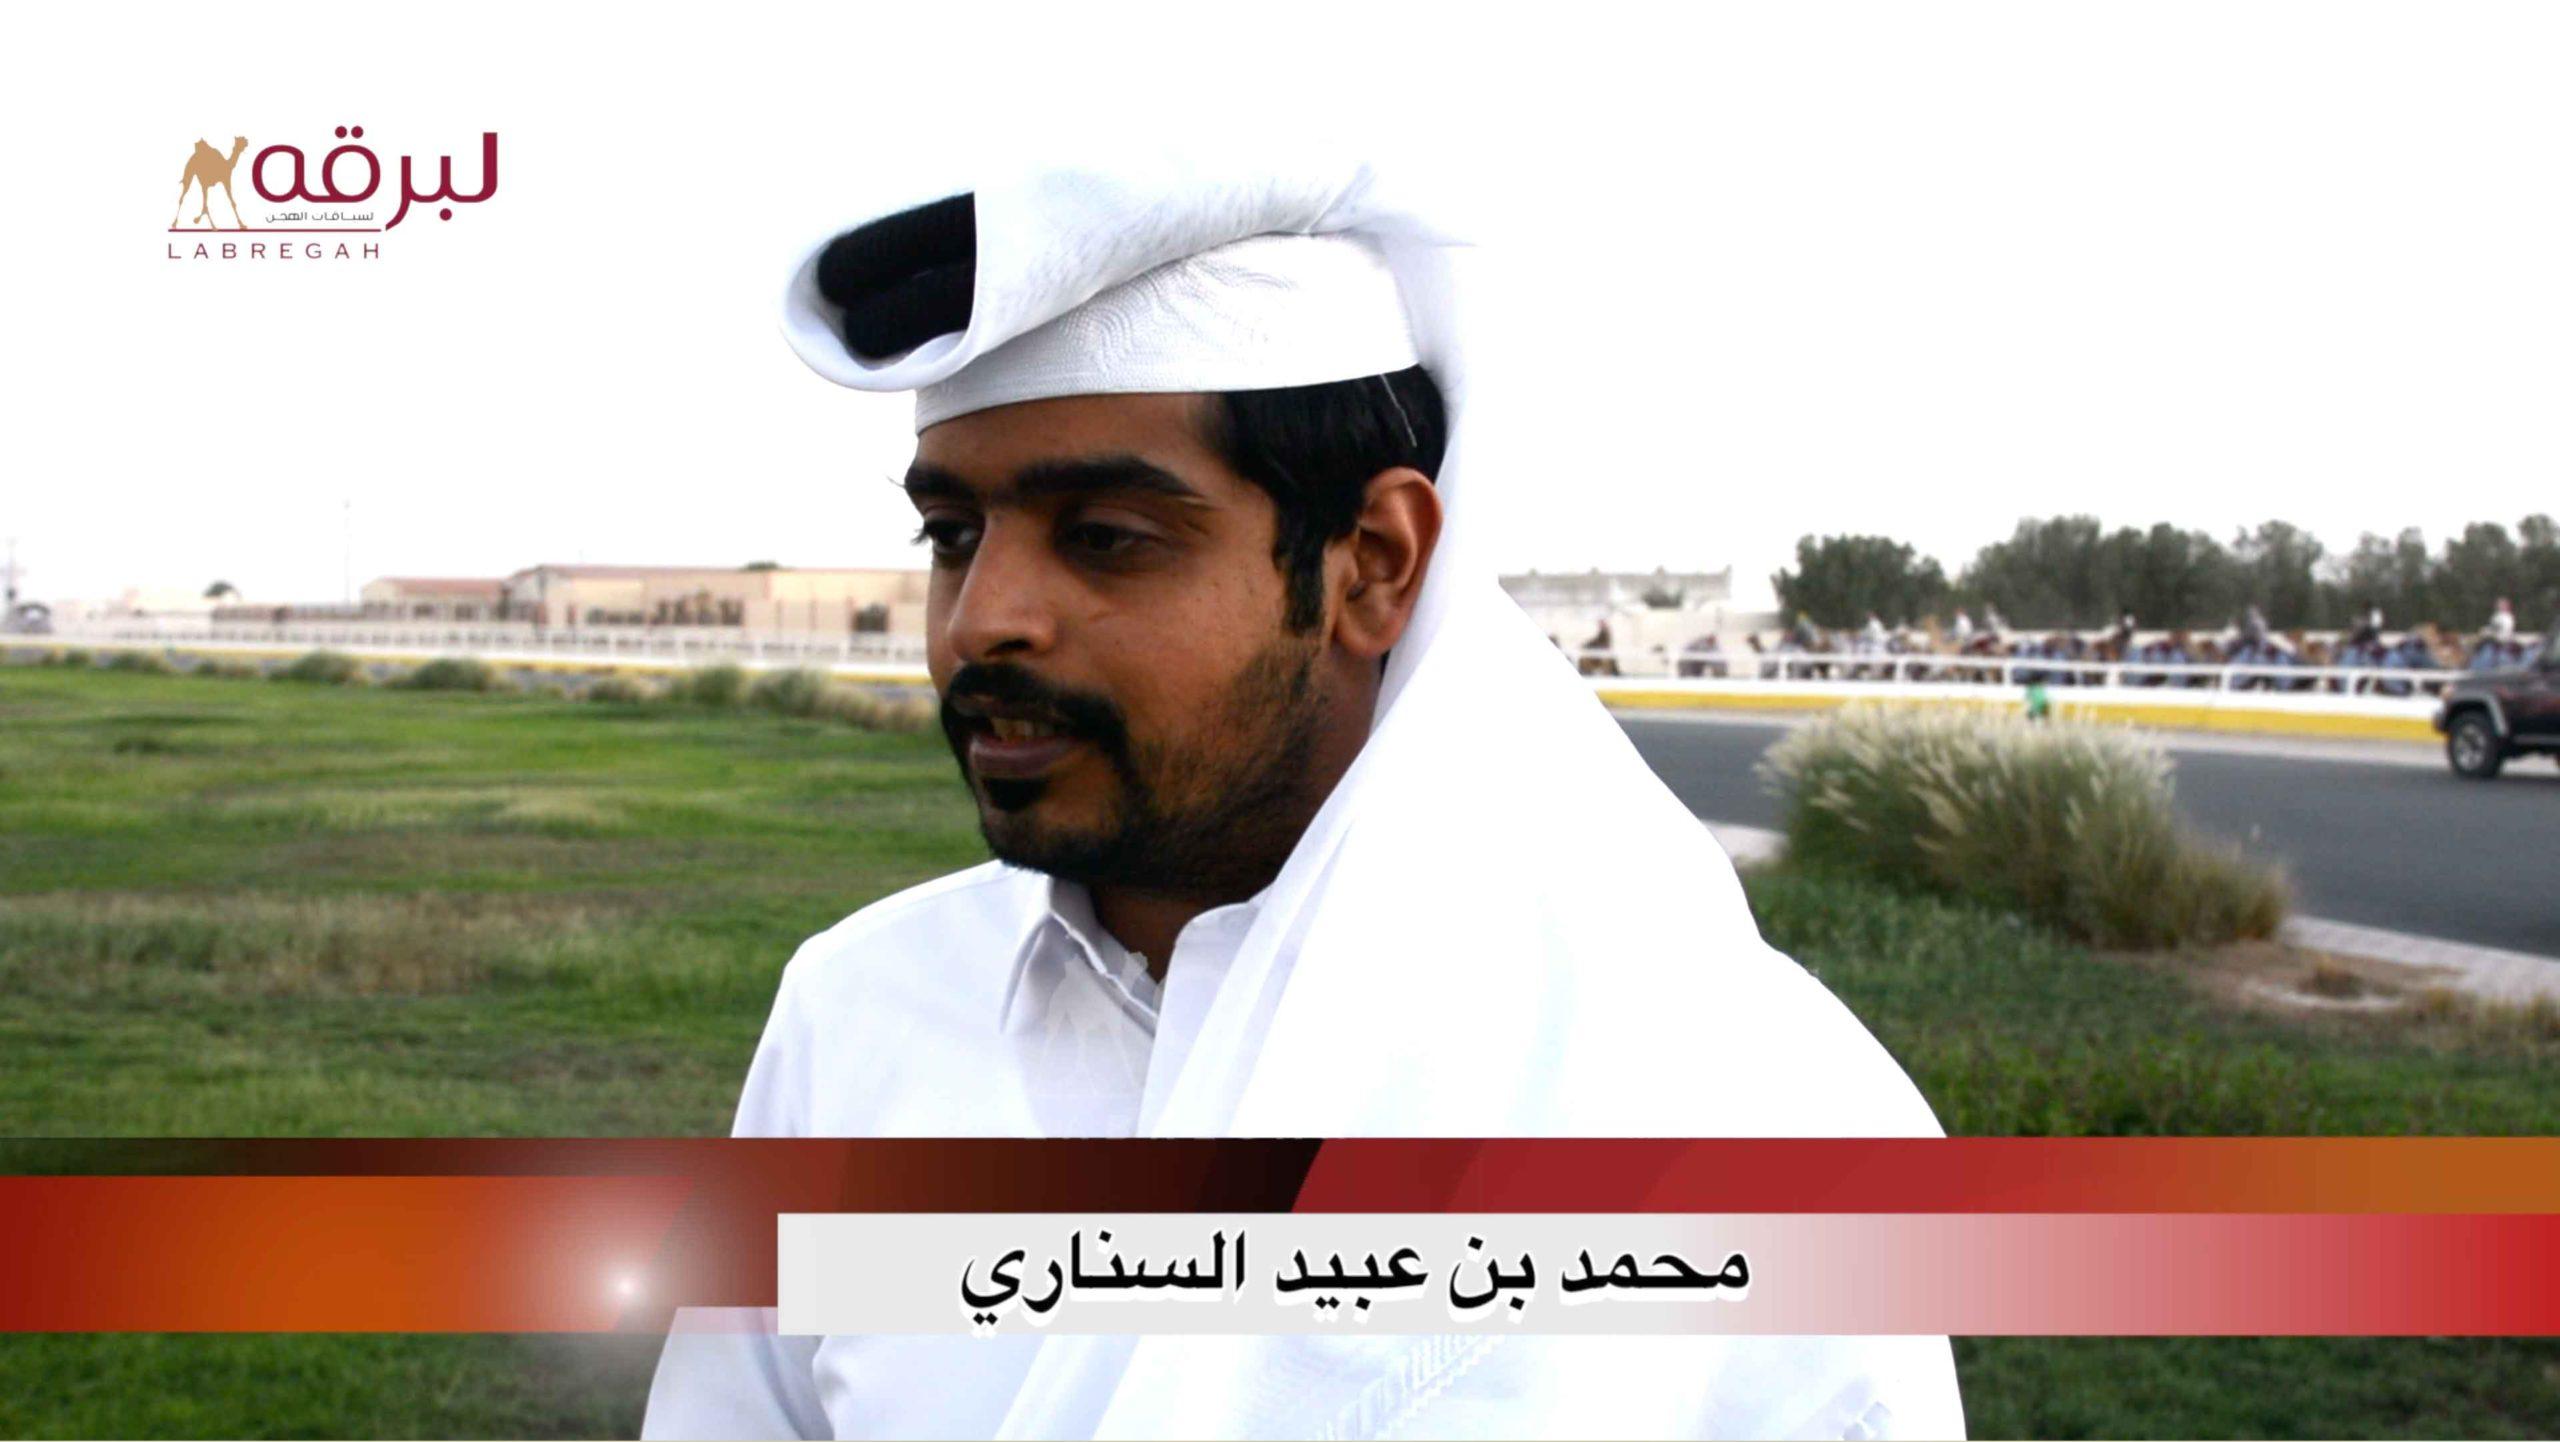 لقاء مع محمد بن عبيد السناري.. الشوط الرئيسي للحقايق بكار إنتاج الأشواط العامة ٨-١٠-٢٠٢٠